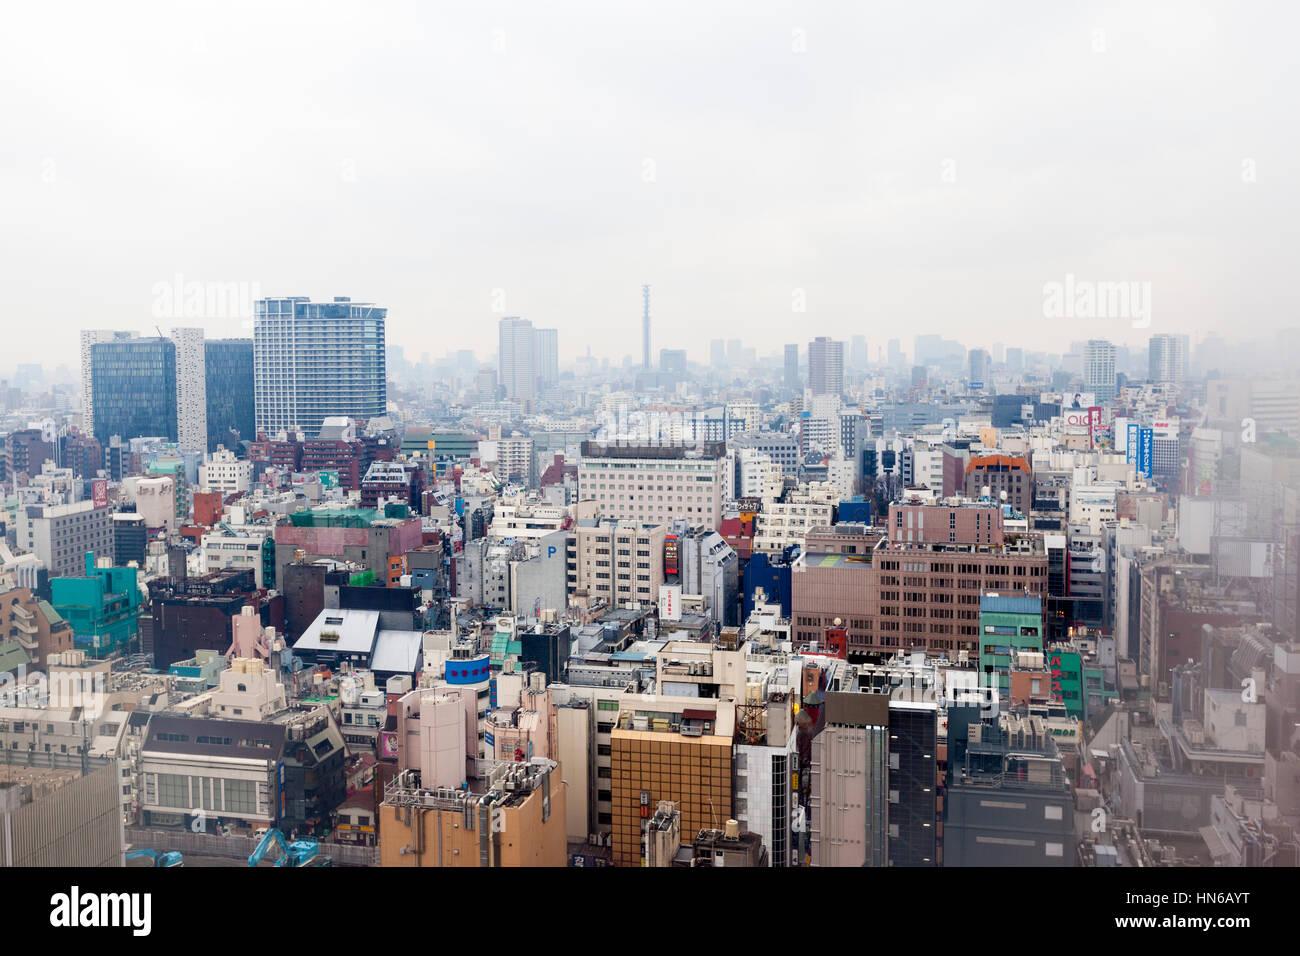 Tokyo, Giappone - 2 Marzo 2012: vista in elevazione dello skyline di Tokyo presa attraverso la finestra di un hotel Immagini Stock